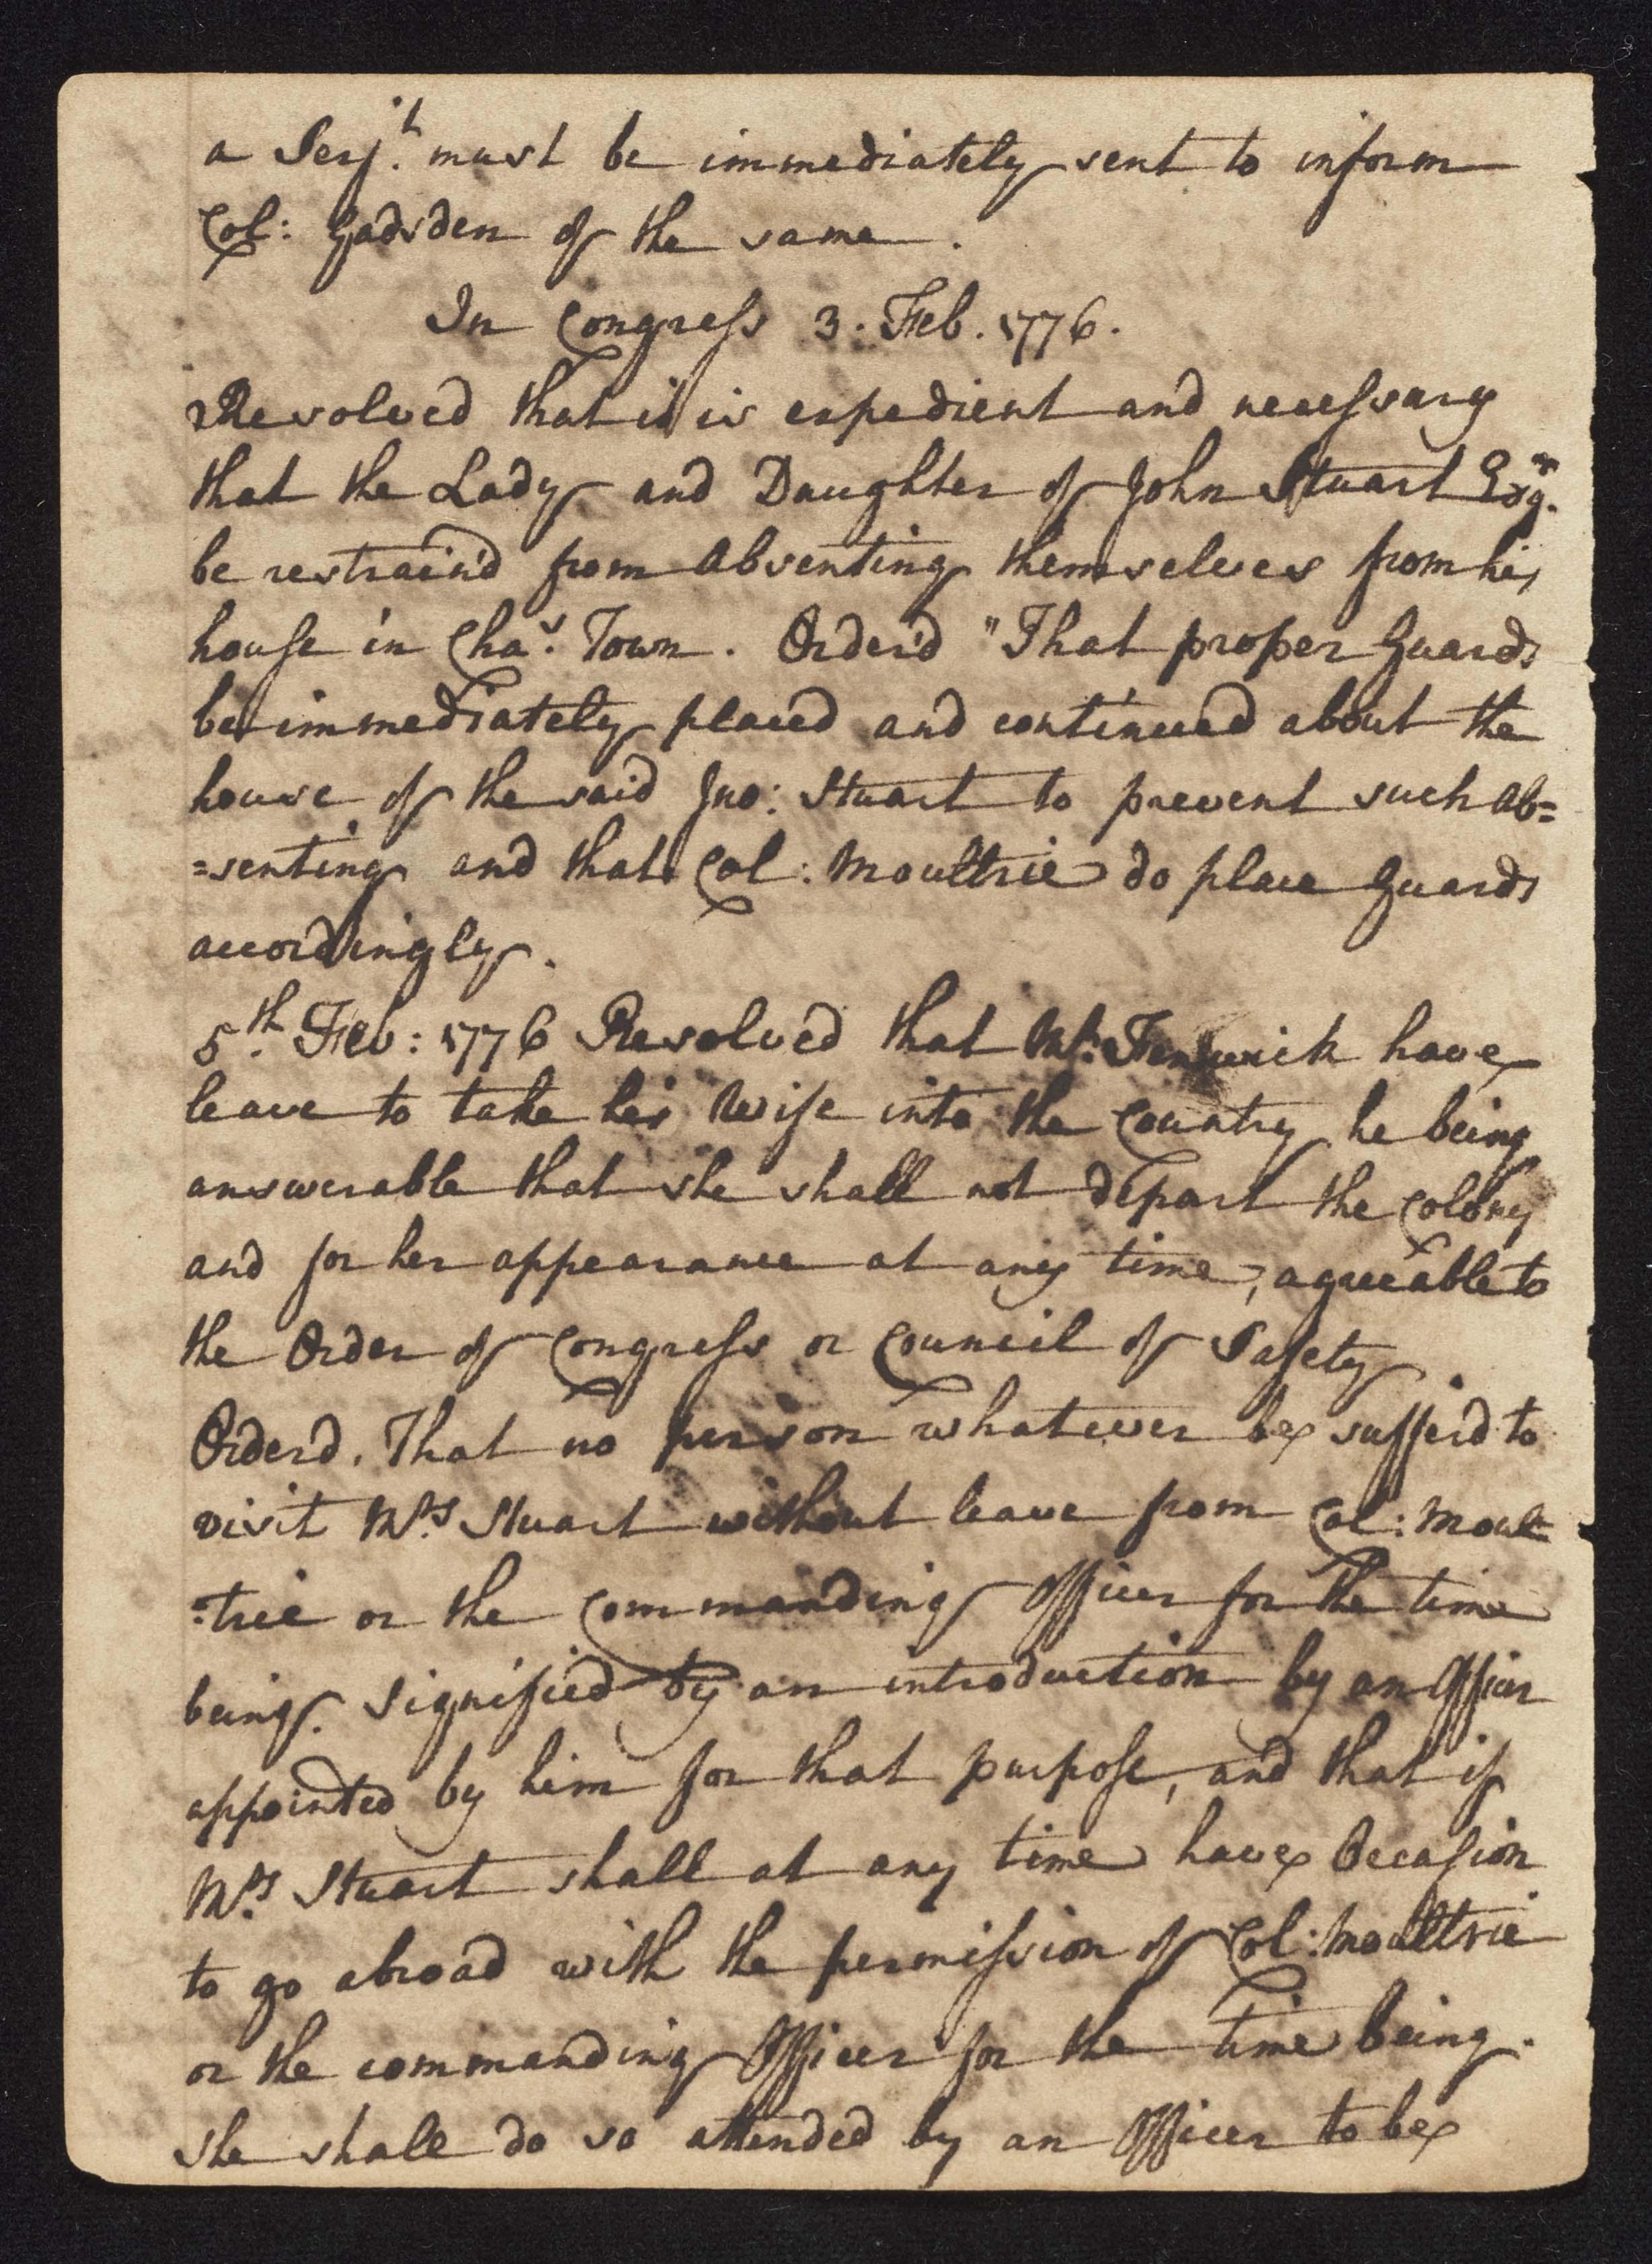 South Carolina Regiment Order Book, Page 76